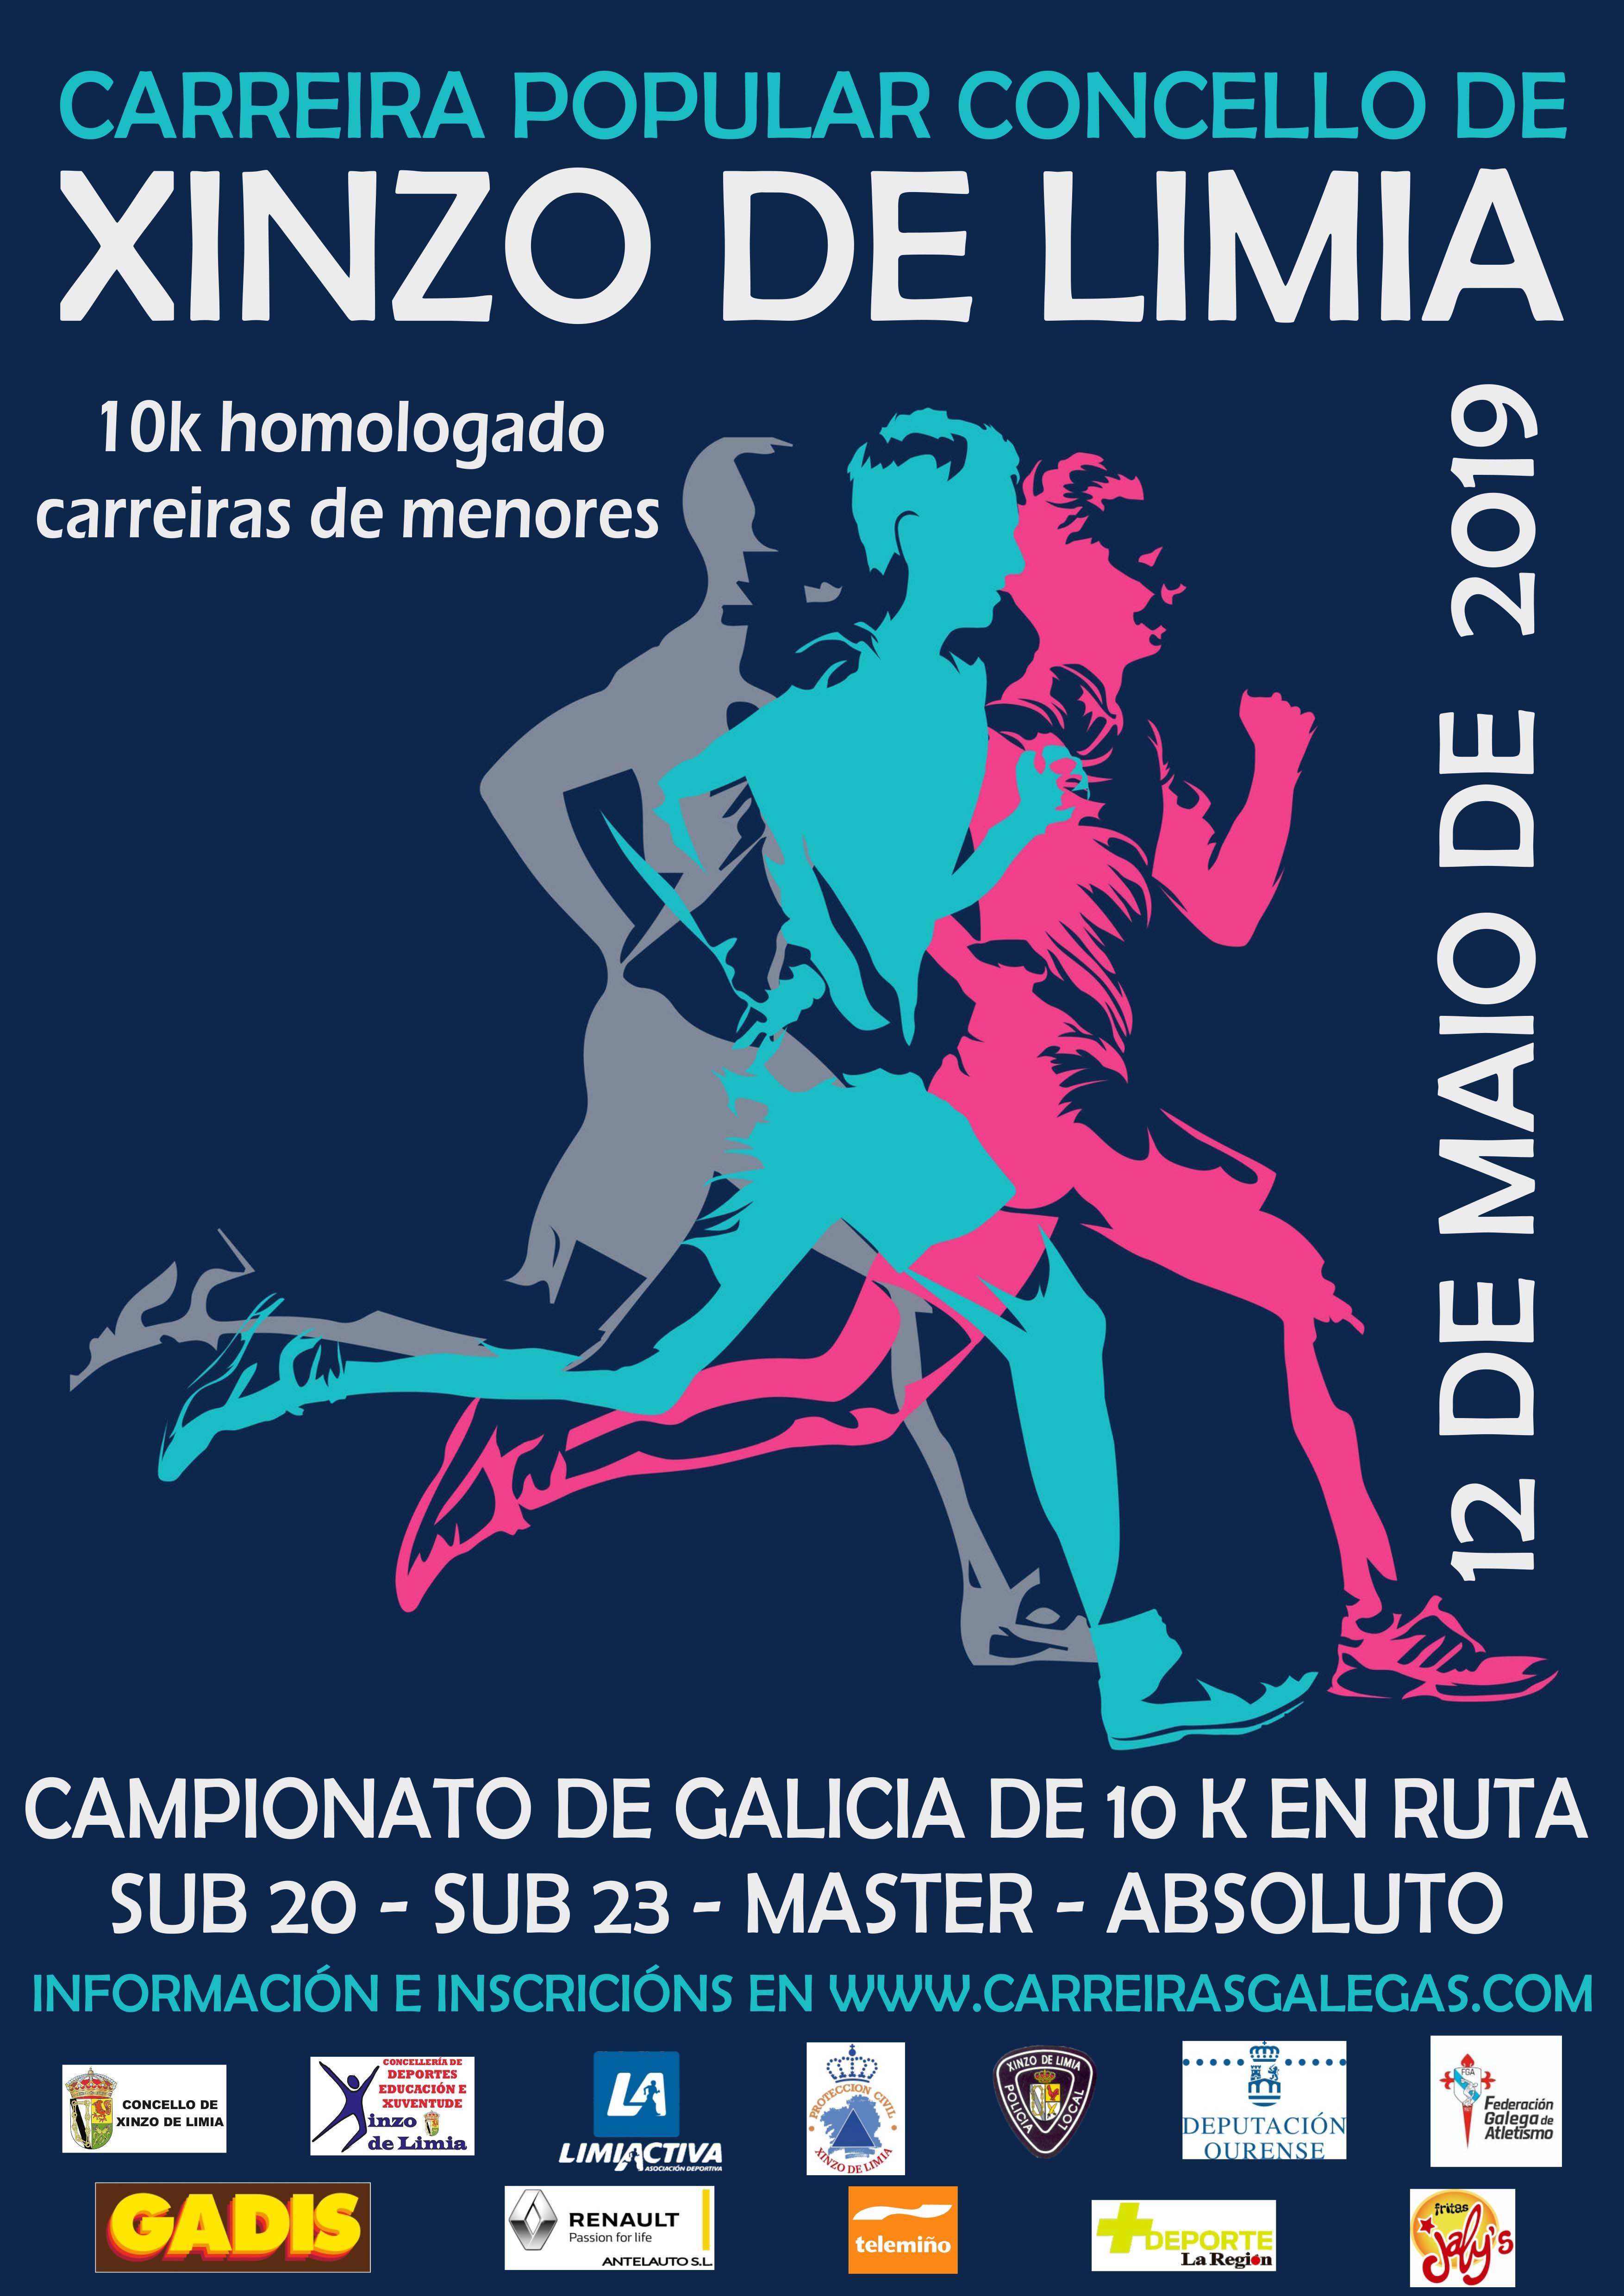 XII Campionato de Galicia de 10 Km. en Ruta